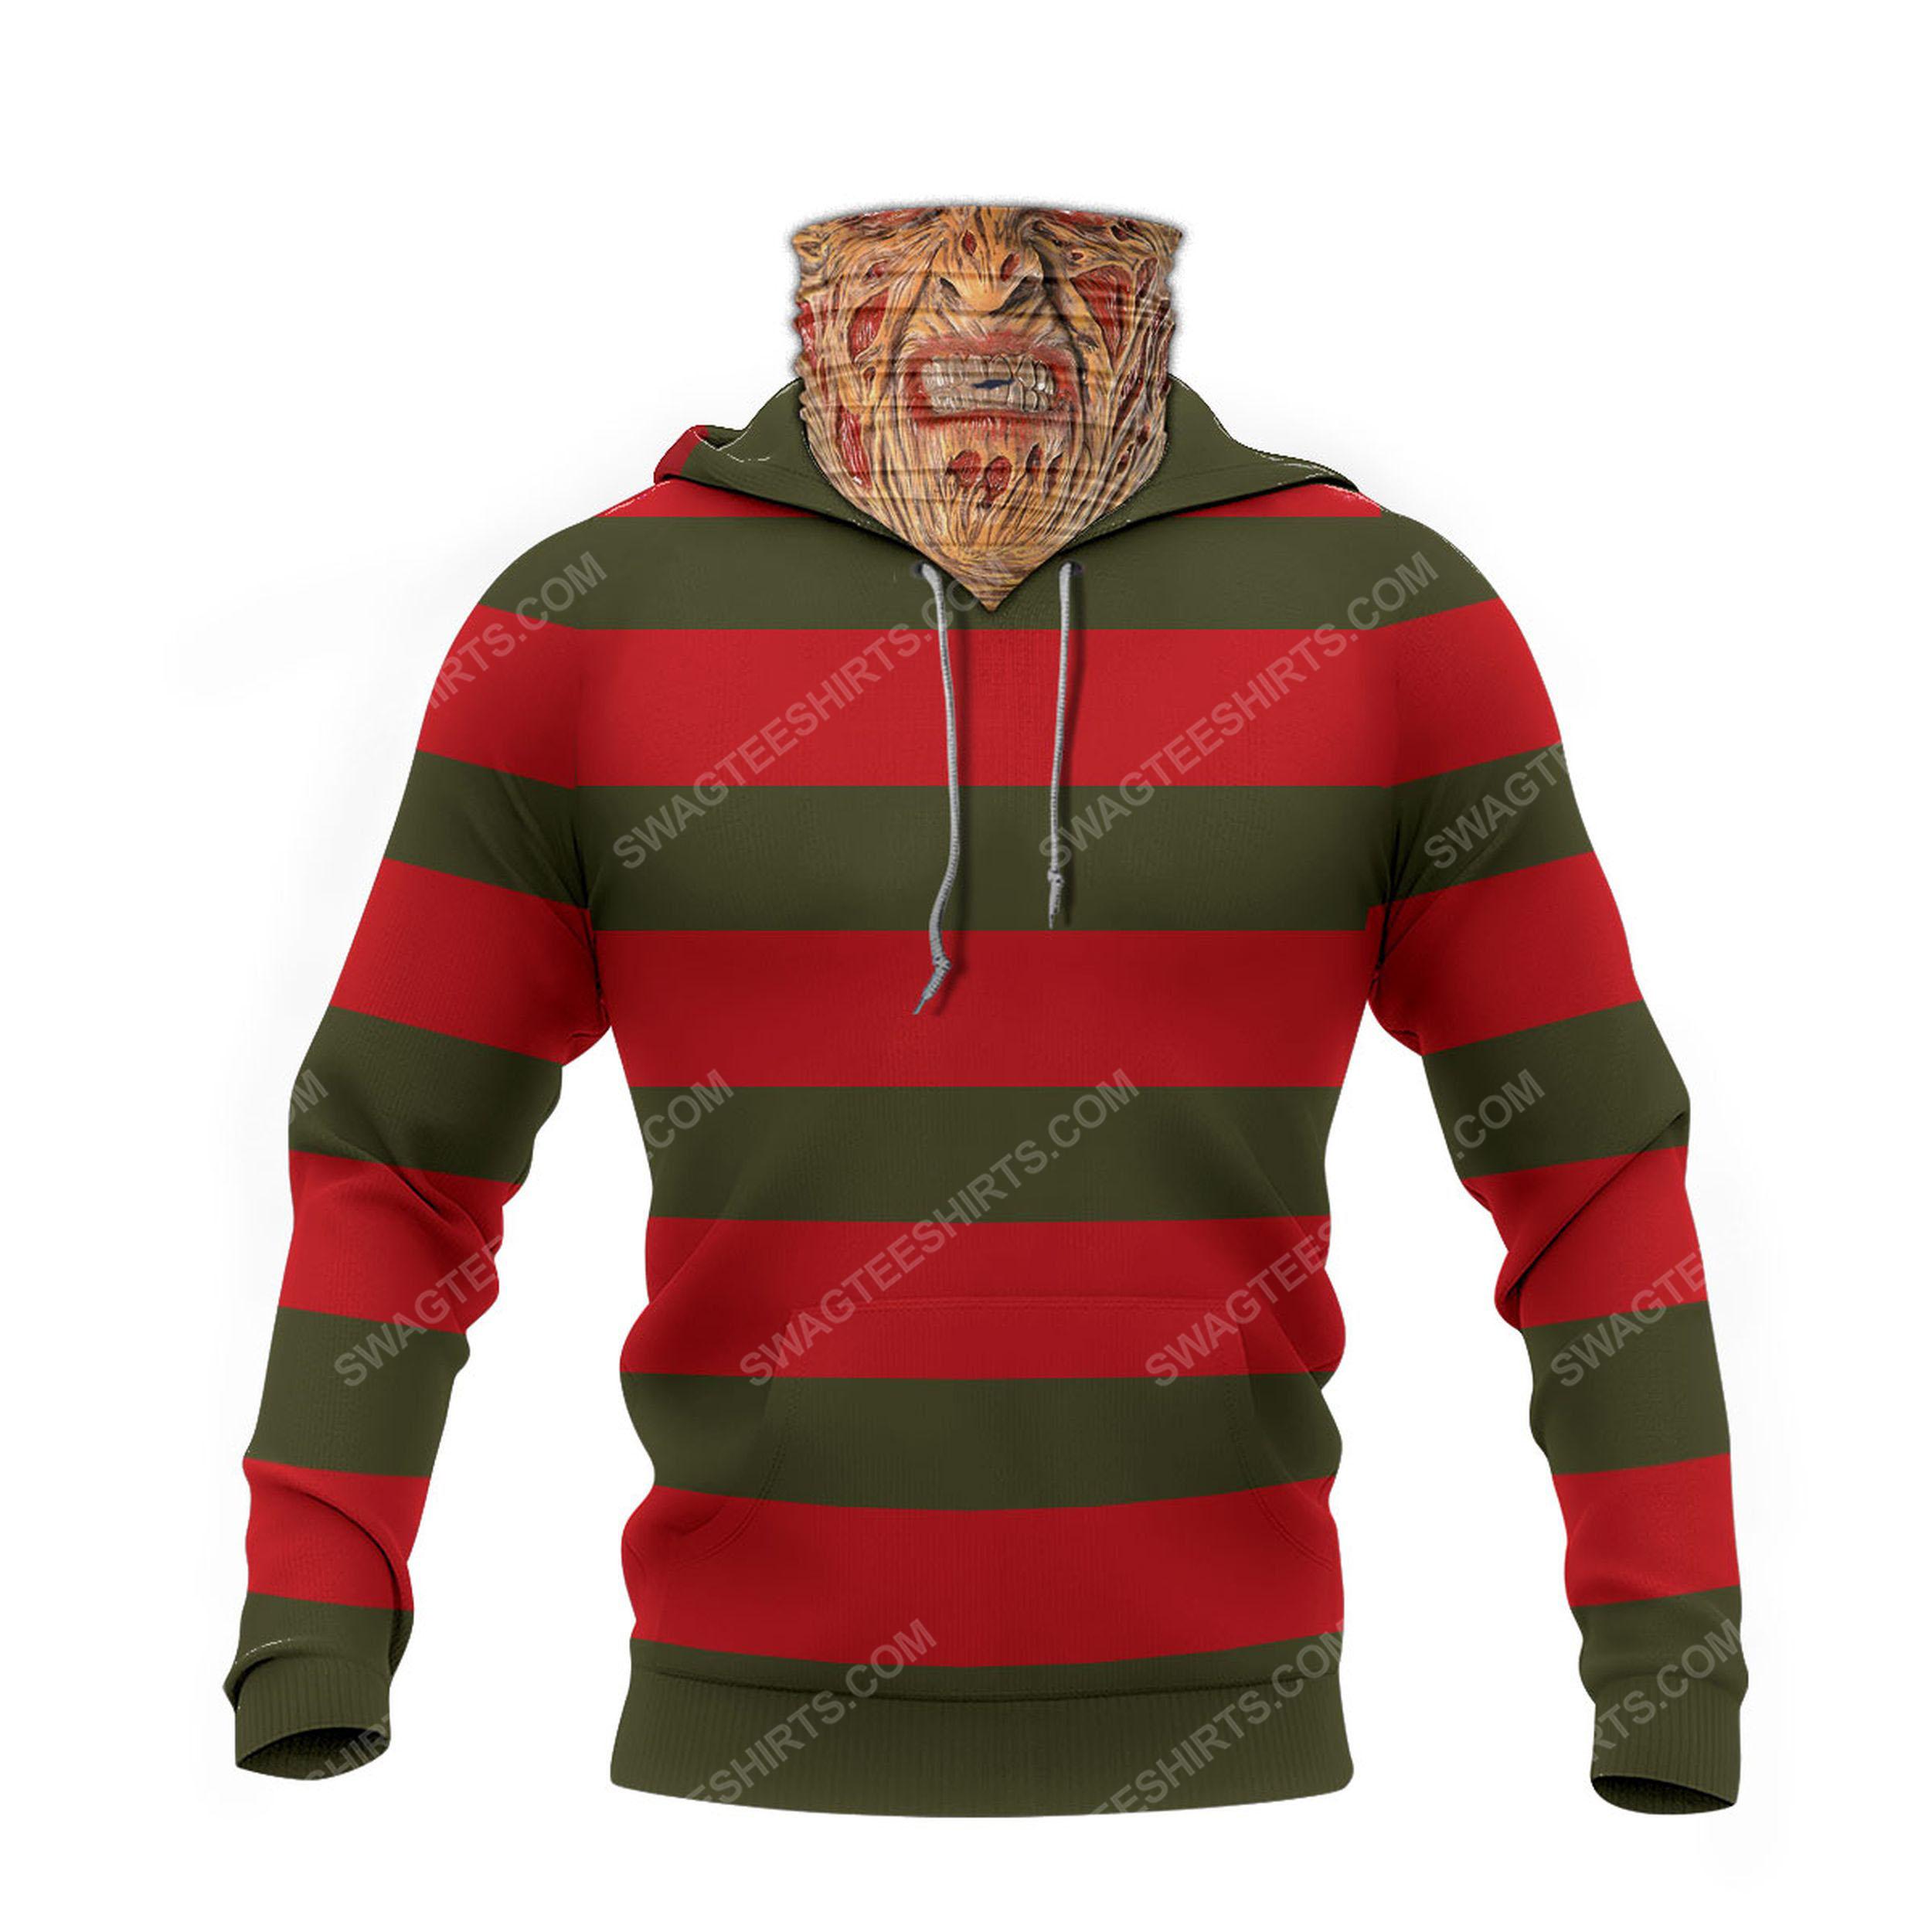 Freddy krueger a nightmare on elm street full print mask hoodie 2(1)